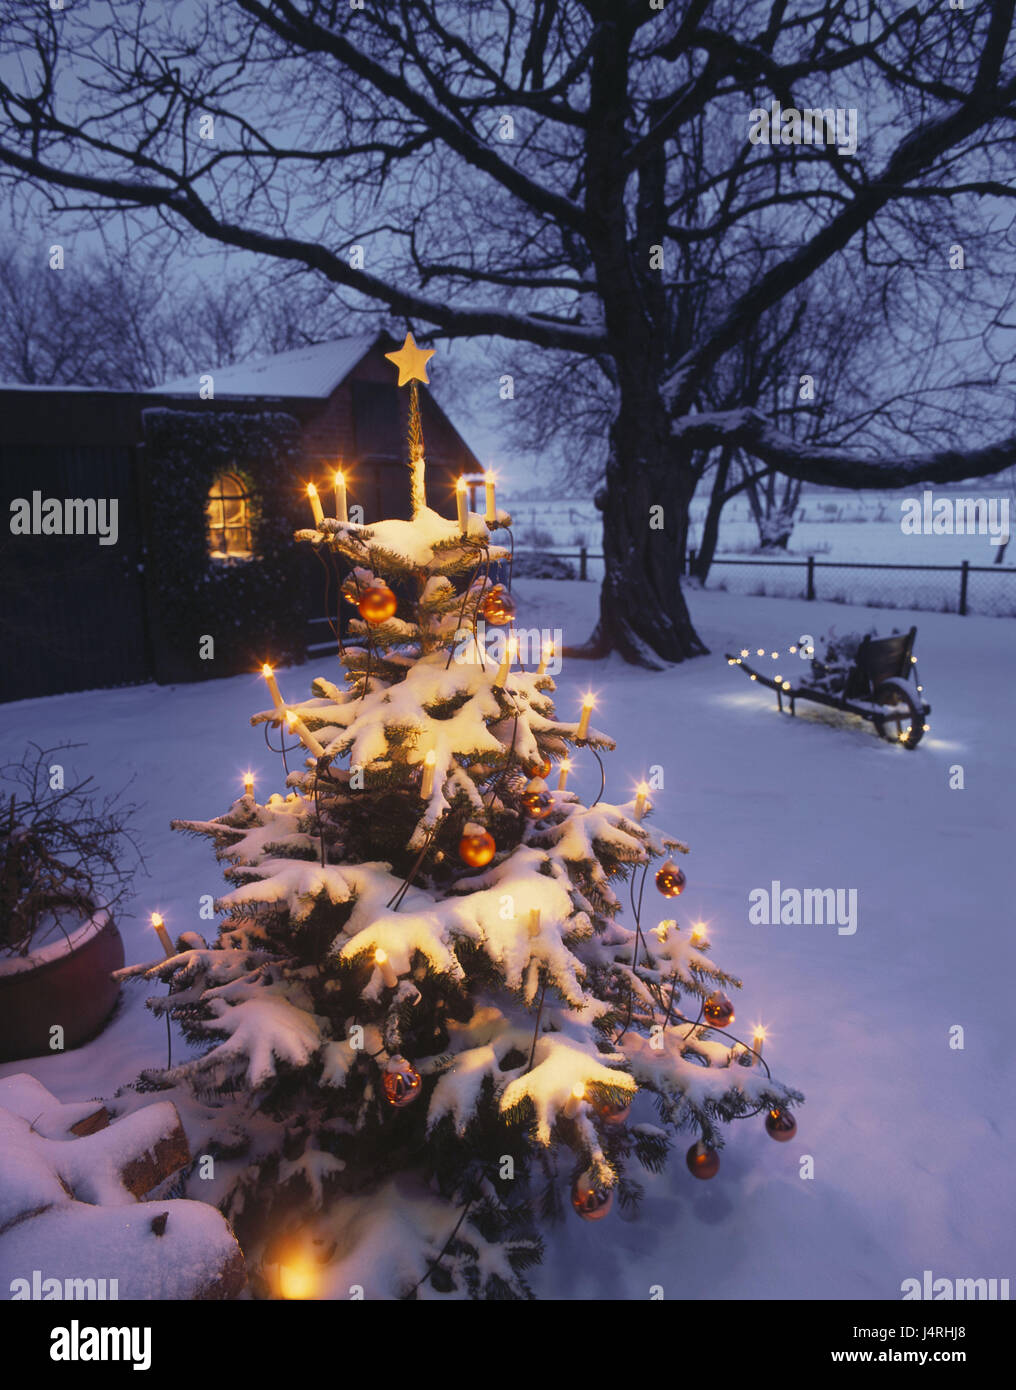 Germania bassa sassonia agriturismo giardino albero di natale crepuscolo inverno casa - Giardino di inverno ...